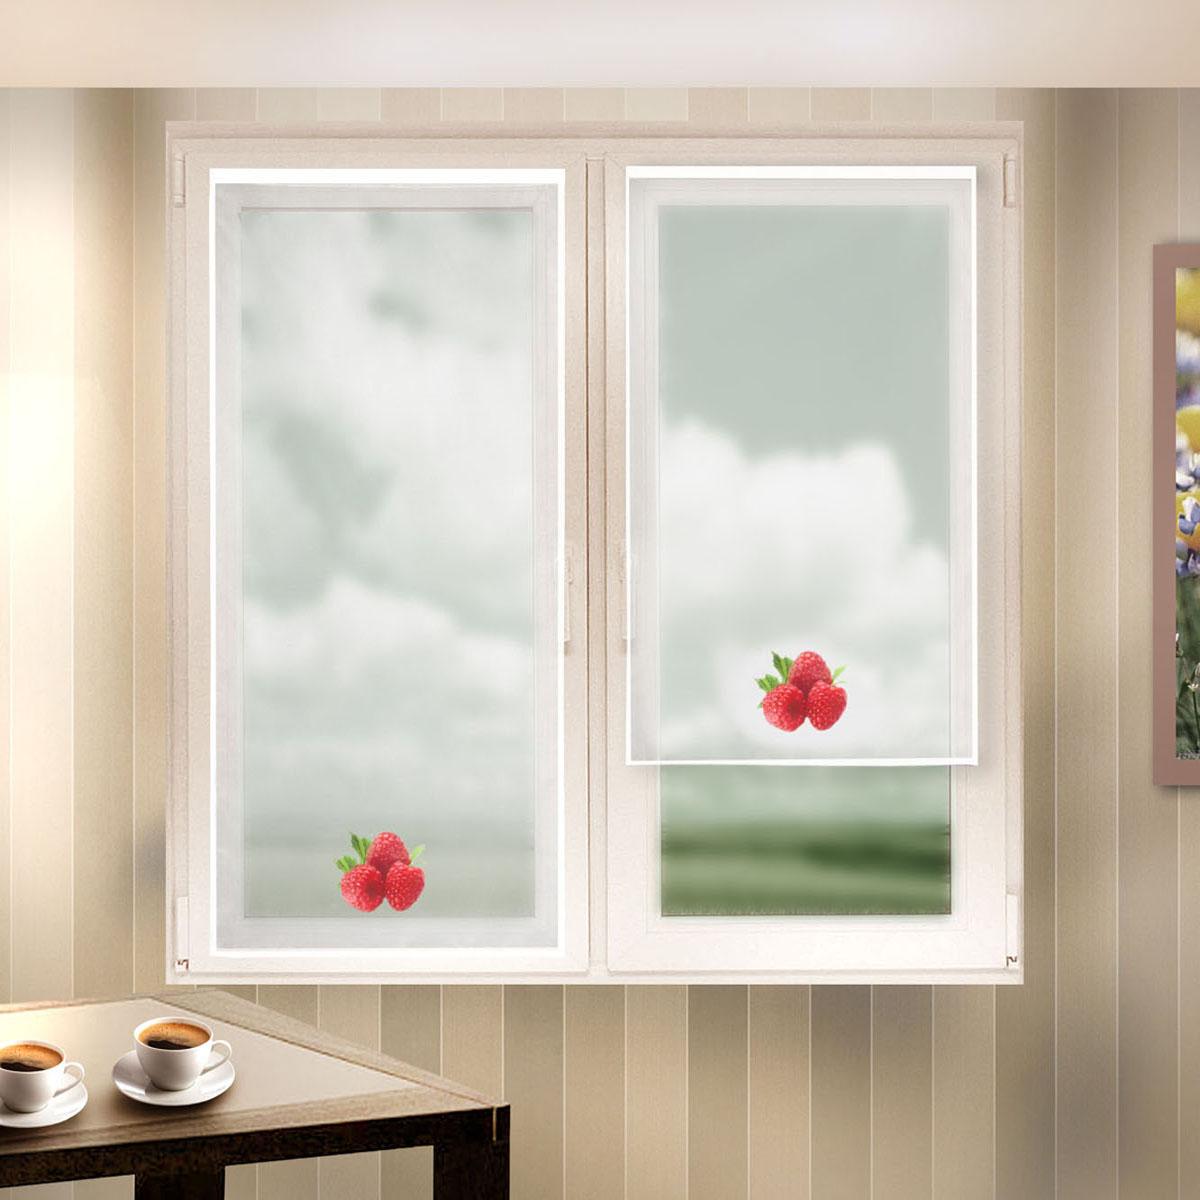 Гардина Zlata Korunka, на липкой ленте, цвет: белый, высота 90 см и 140 см, 2 шт. 666057-1666057-1Гардина на липкой ленте Zlata Korunka, изготовленная из легкого полиэстера, станет великолепным украшением любого окна. Полотно из белой вуали с печатным рисунком привлечет к себе внимание и органично впишется в интерьер комнаты. Крепление на липкой ленте, не требующее сверления стен и карниза. Многоразовое и мгновенное крепление.